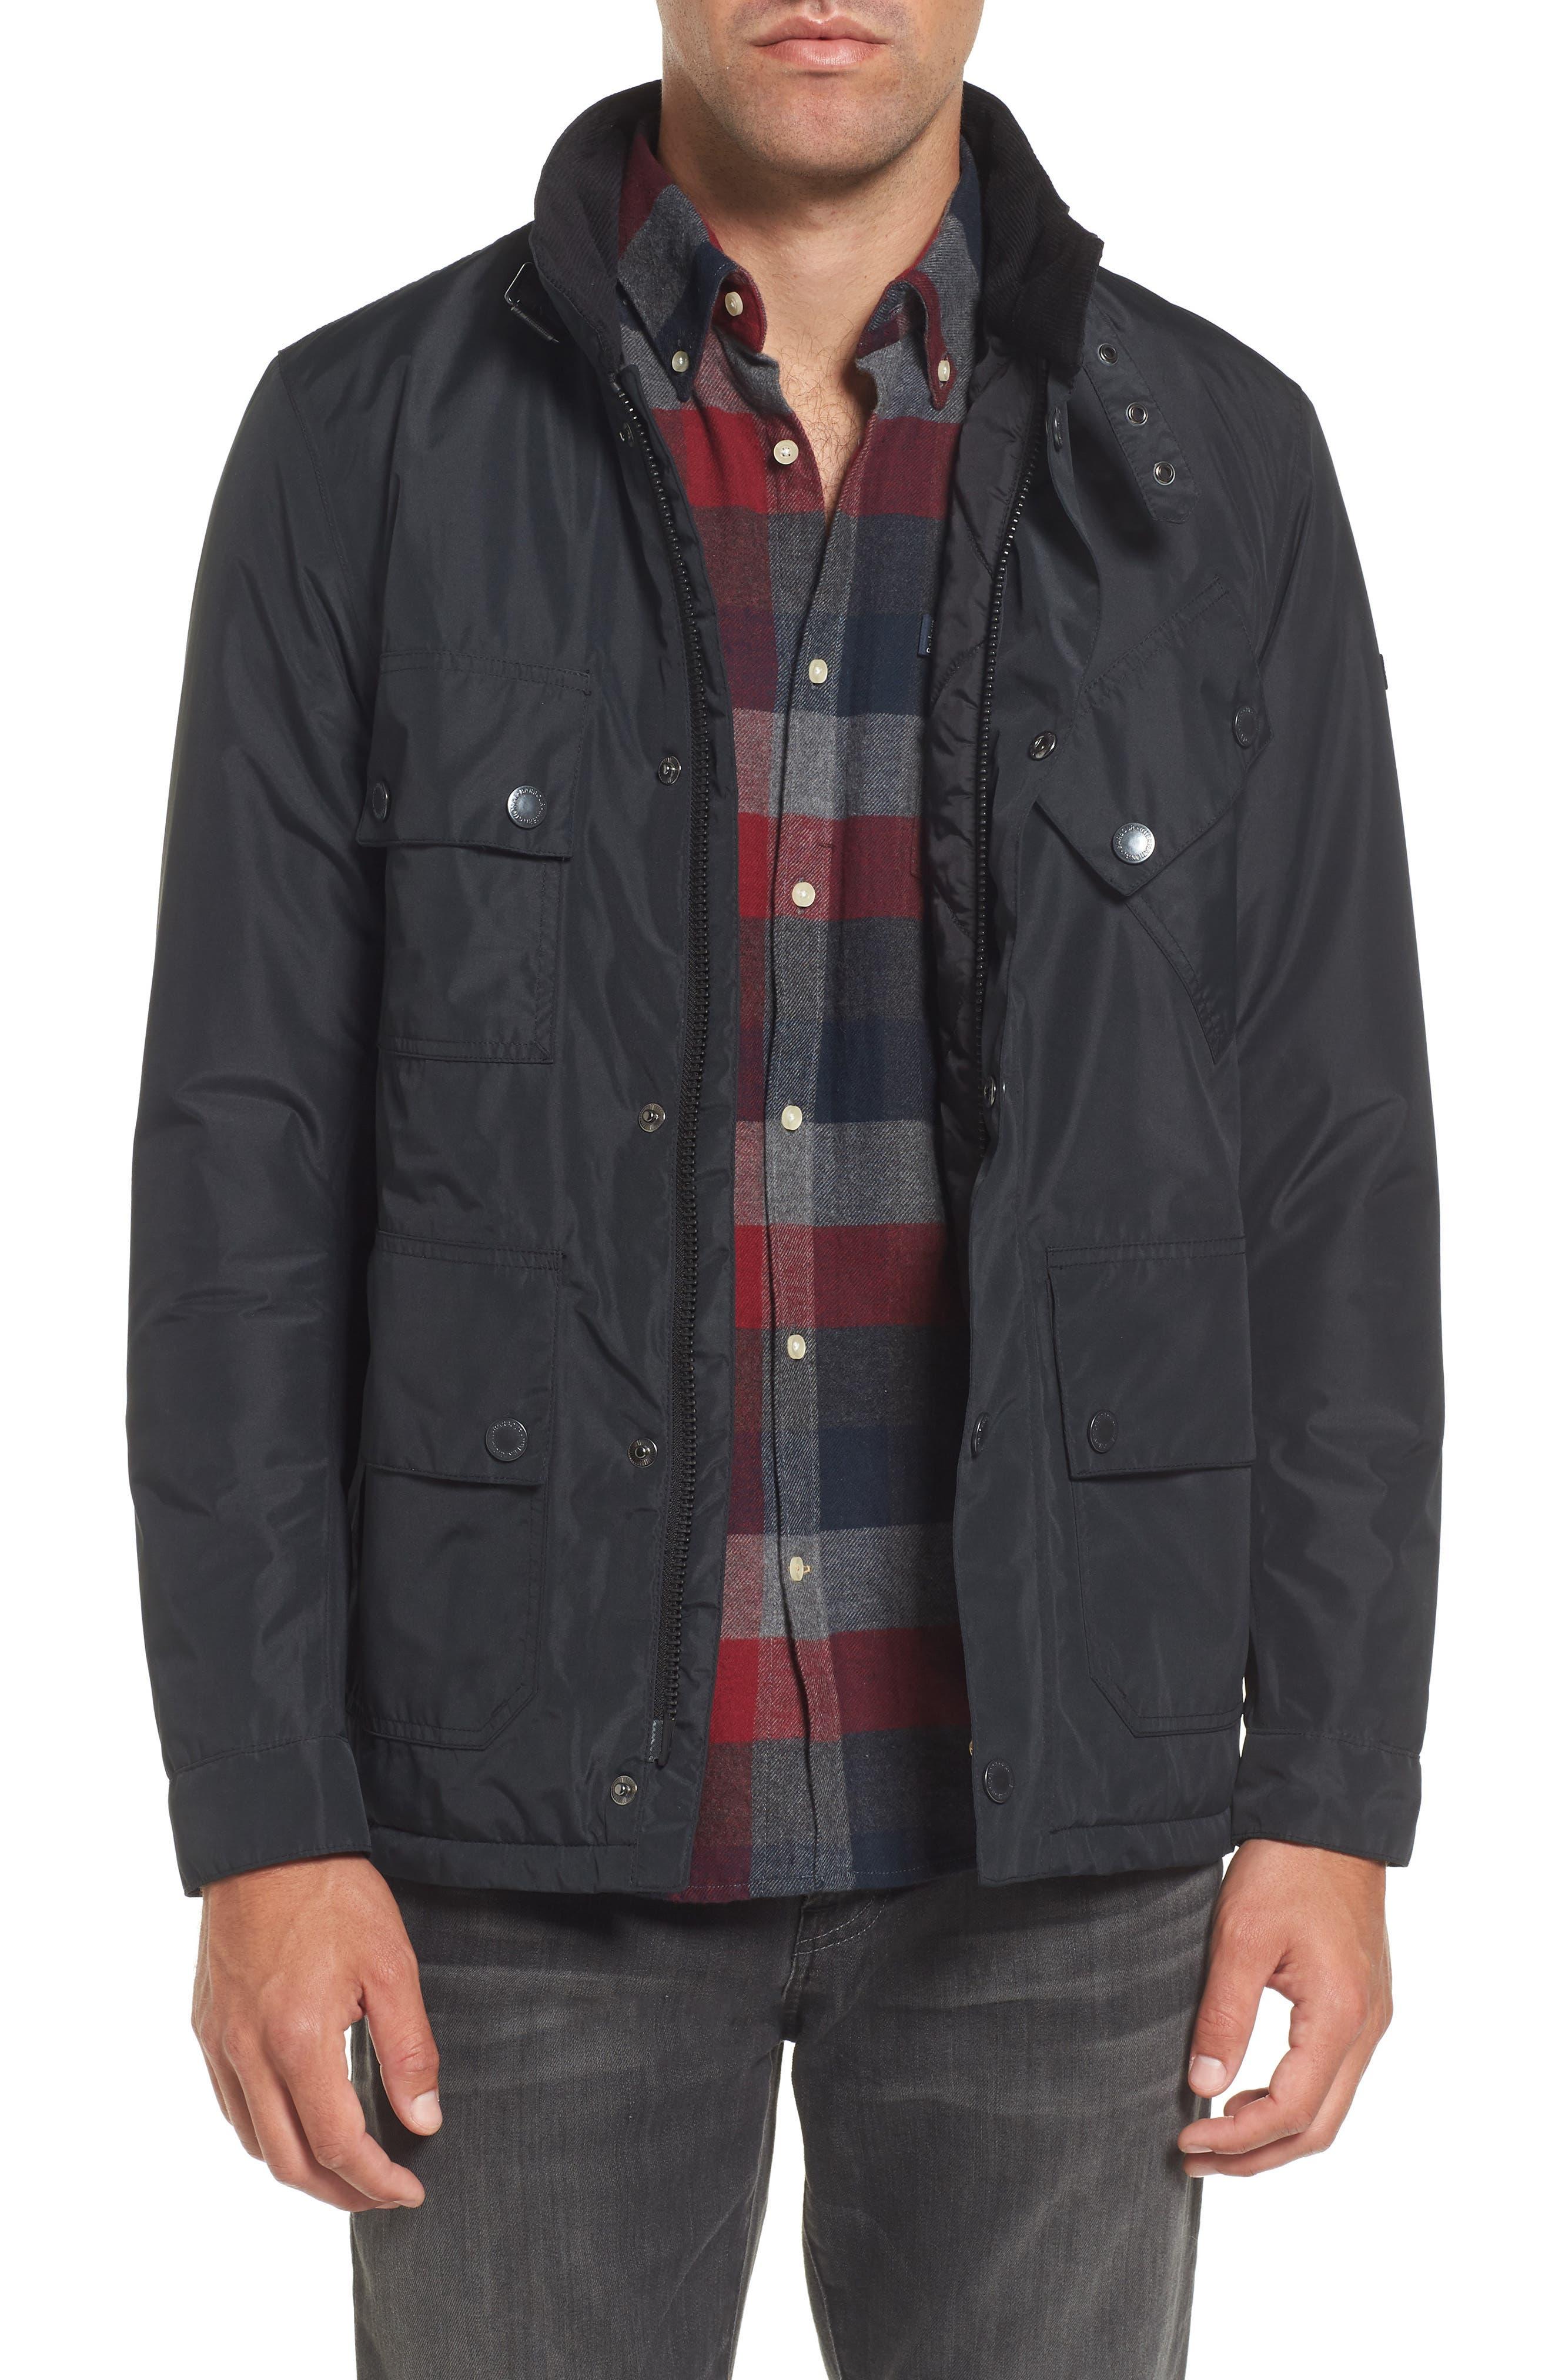 B.Intl Tyne Waterproof Jacket,                         Main,                         color, Black